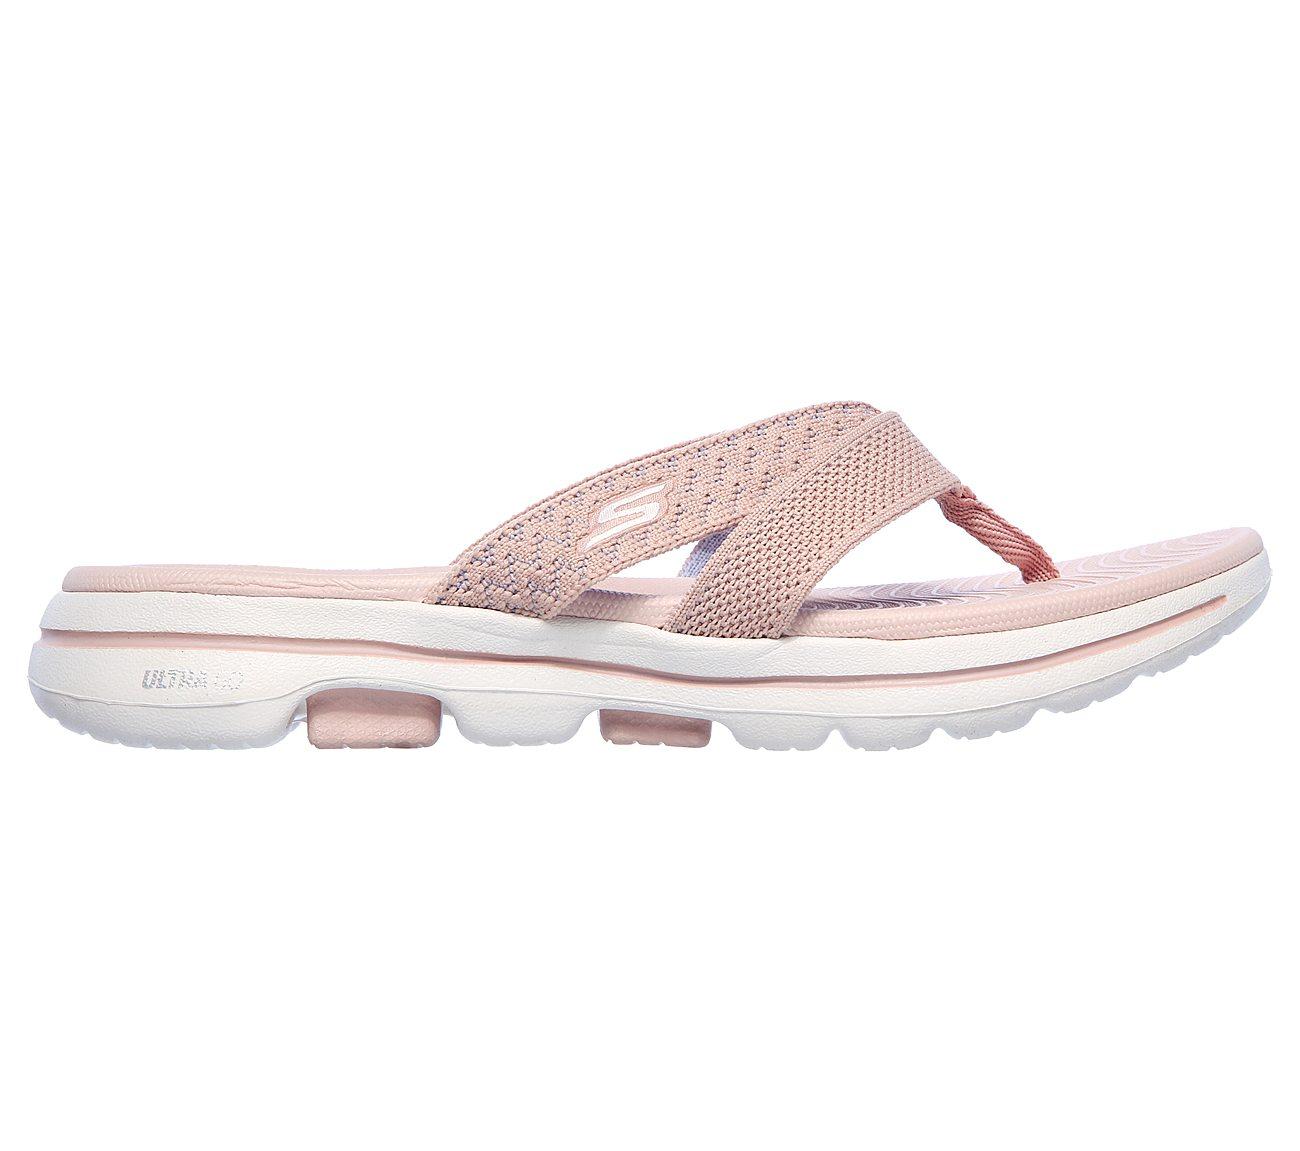 Buy Skechers Skechers Gowalk 5 Sun Kiss Skechers Performance Shoes